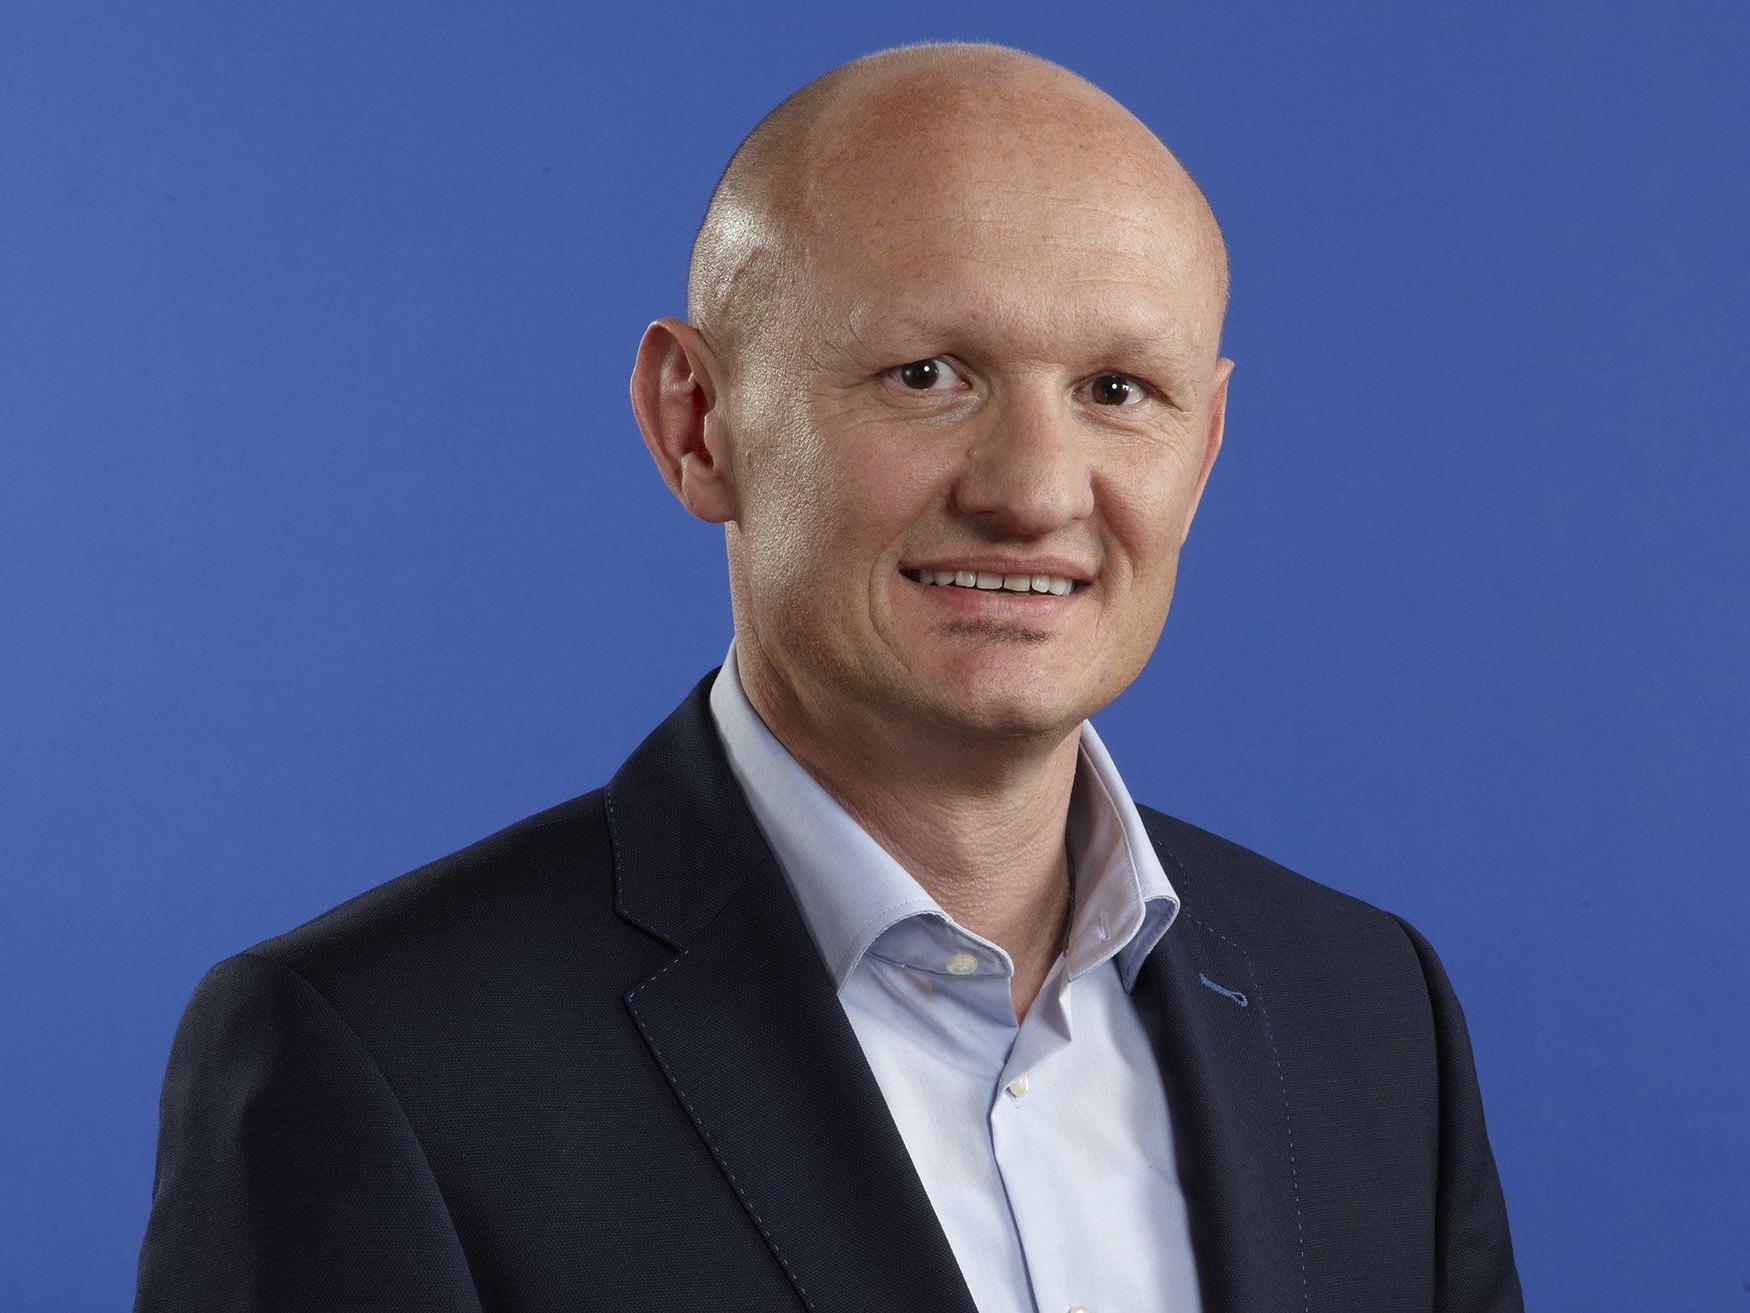 Joachim Weixlbaumer